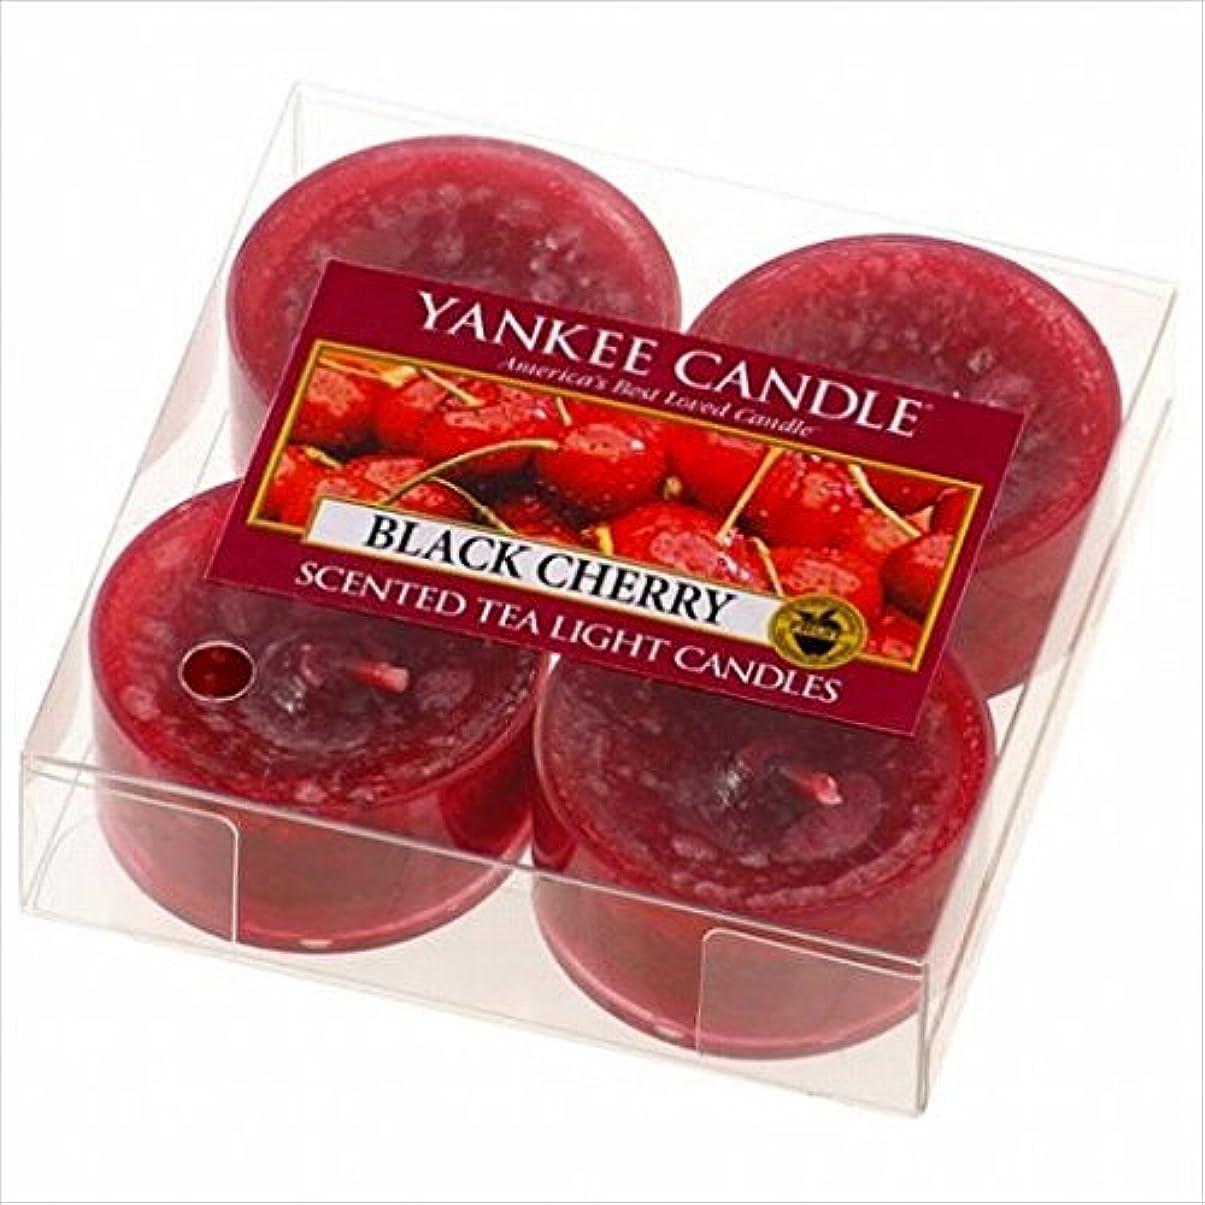 平野基礎理論急ぐヤンキーキャンドル( YANKEE CANDLE ) YANKEE CANDLE クリアカップティーライト4個入り 「 ブラックチェリー 」